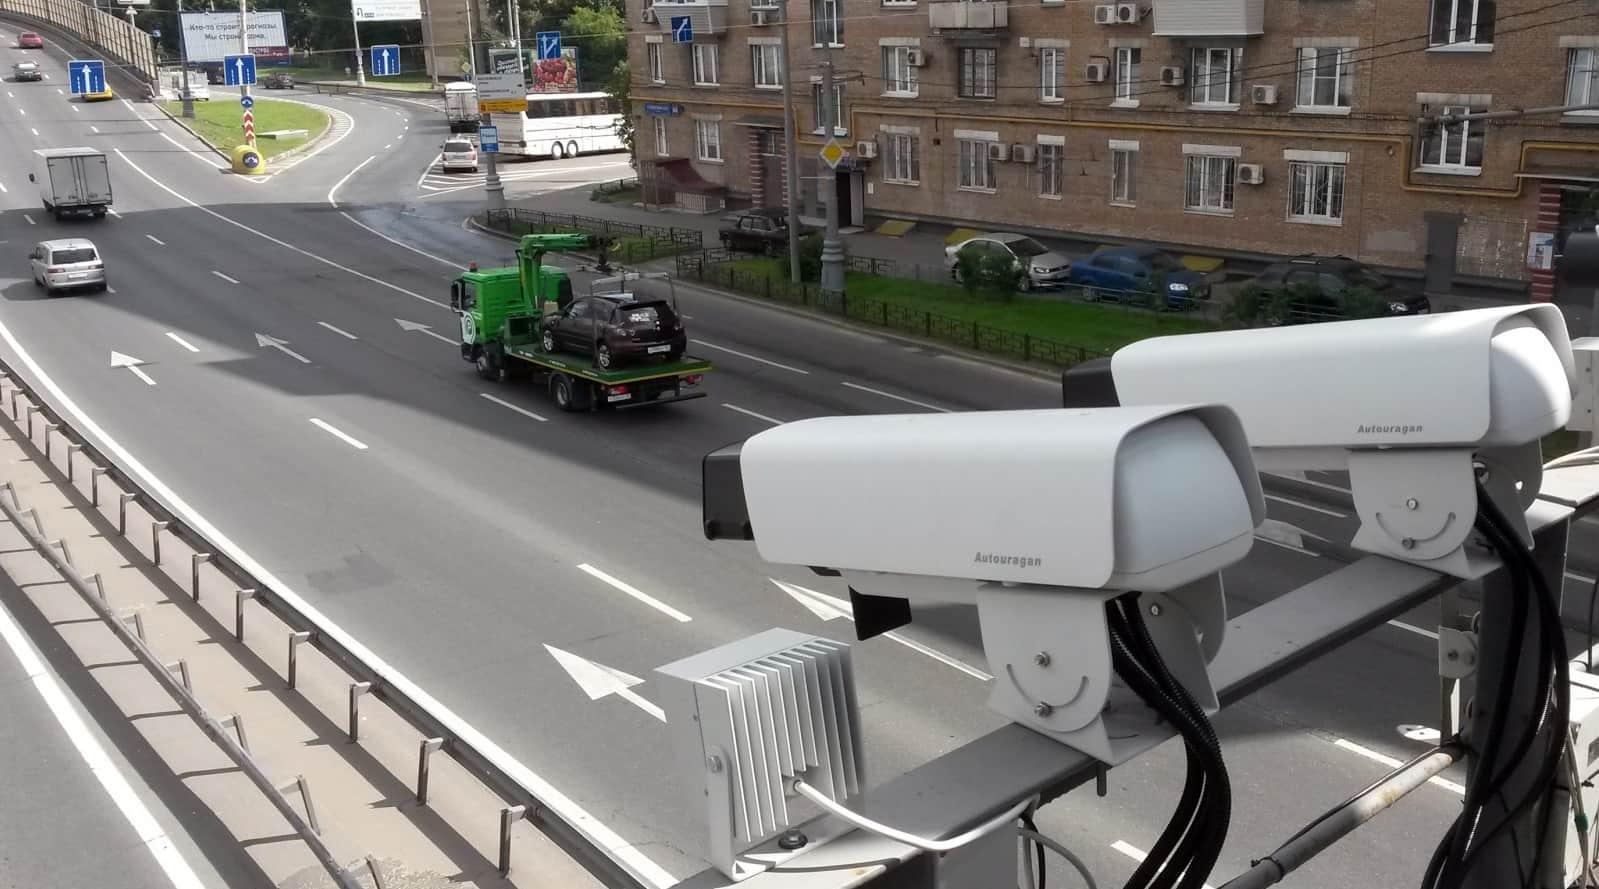 Вопрос камера фиксирует ОСАГО или отсутствие полиса остается незамеченным системами видеонаблюдения